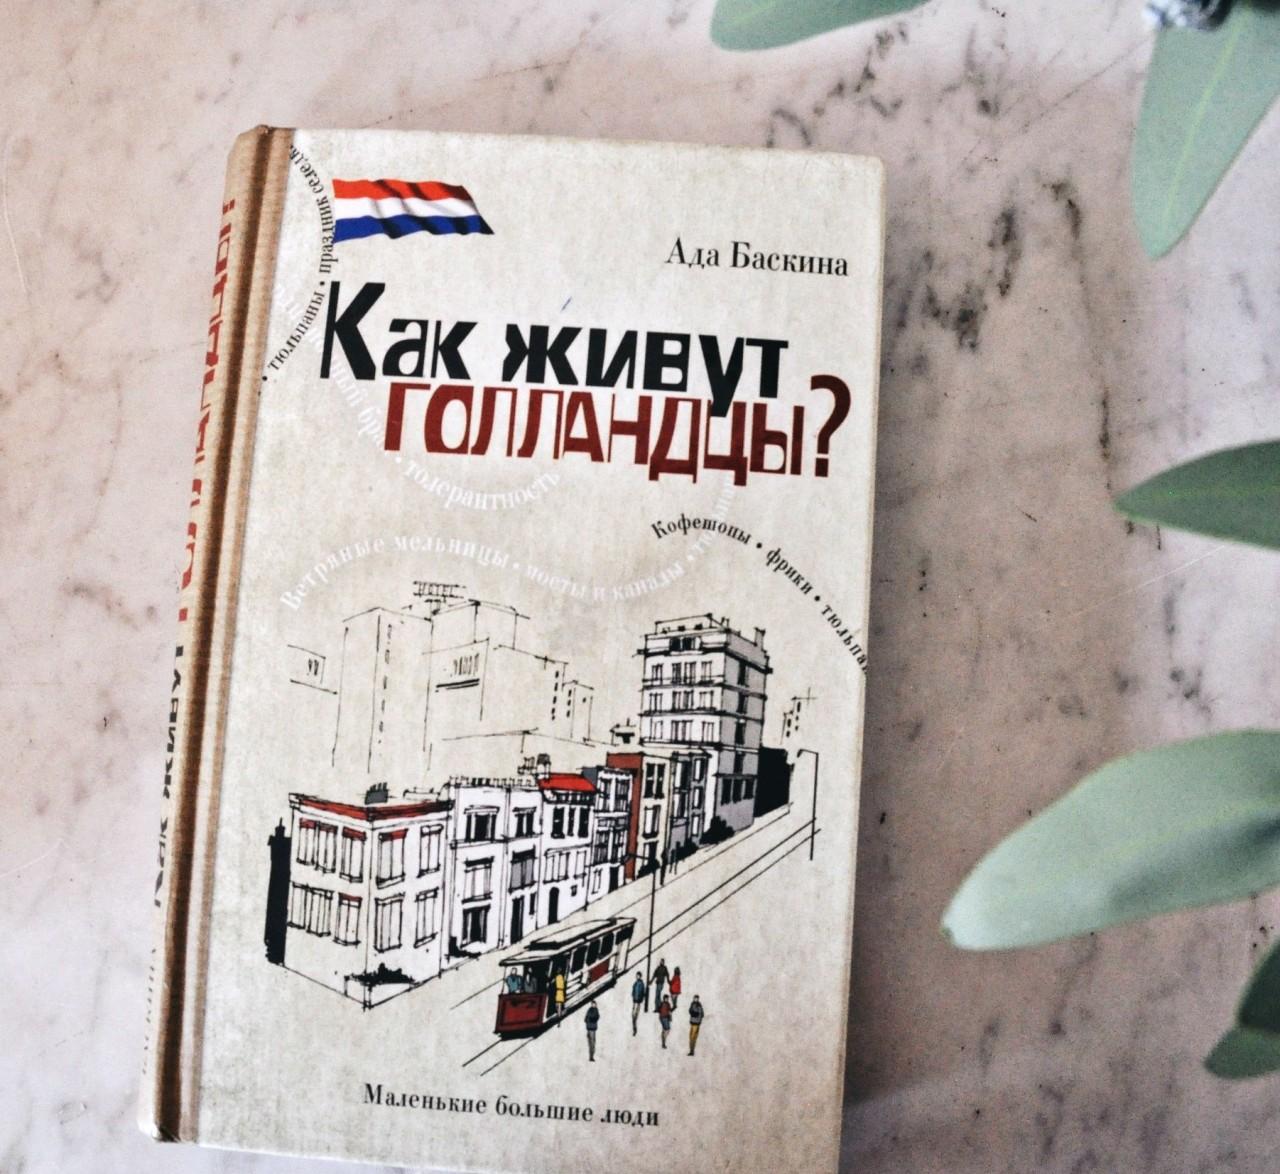 Огромный мир открыт и манит: книгипро путешествия в другие страны